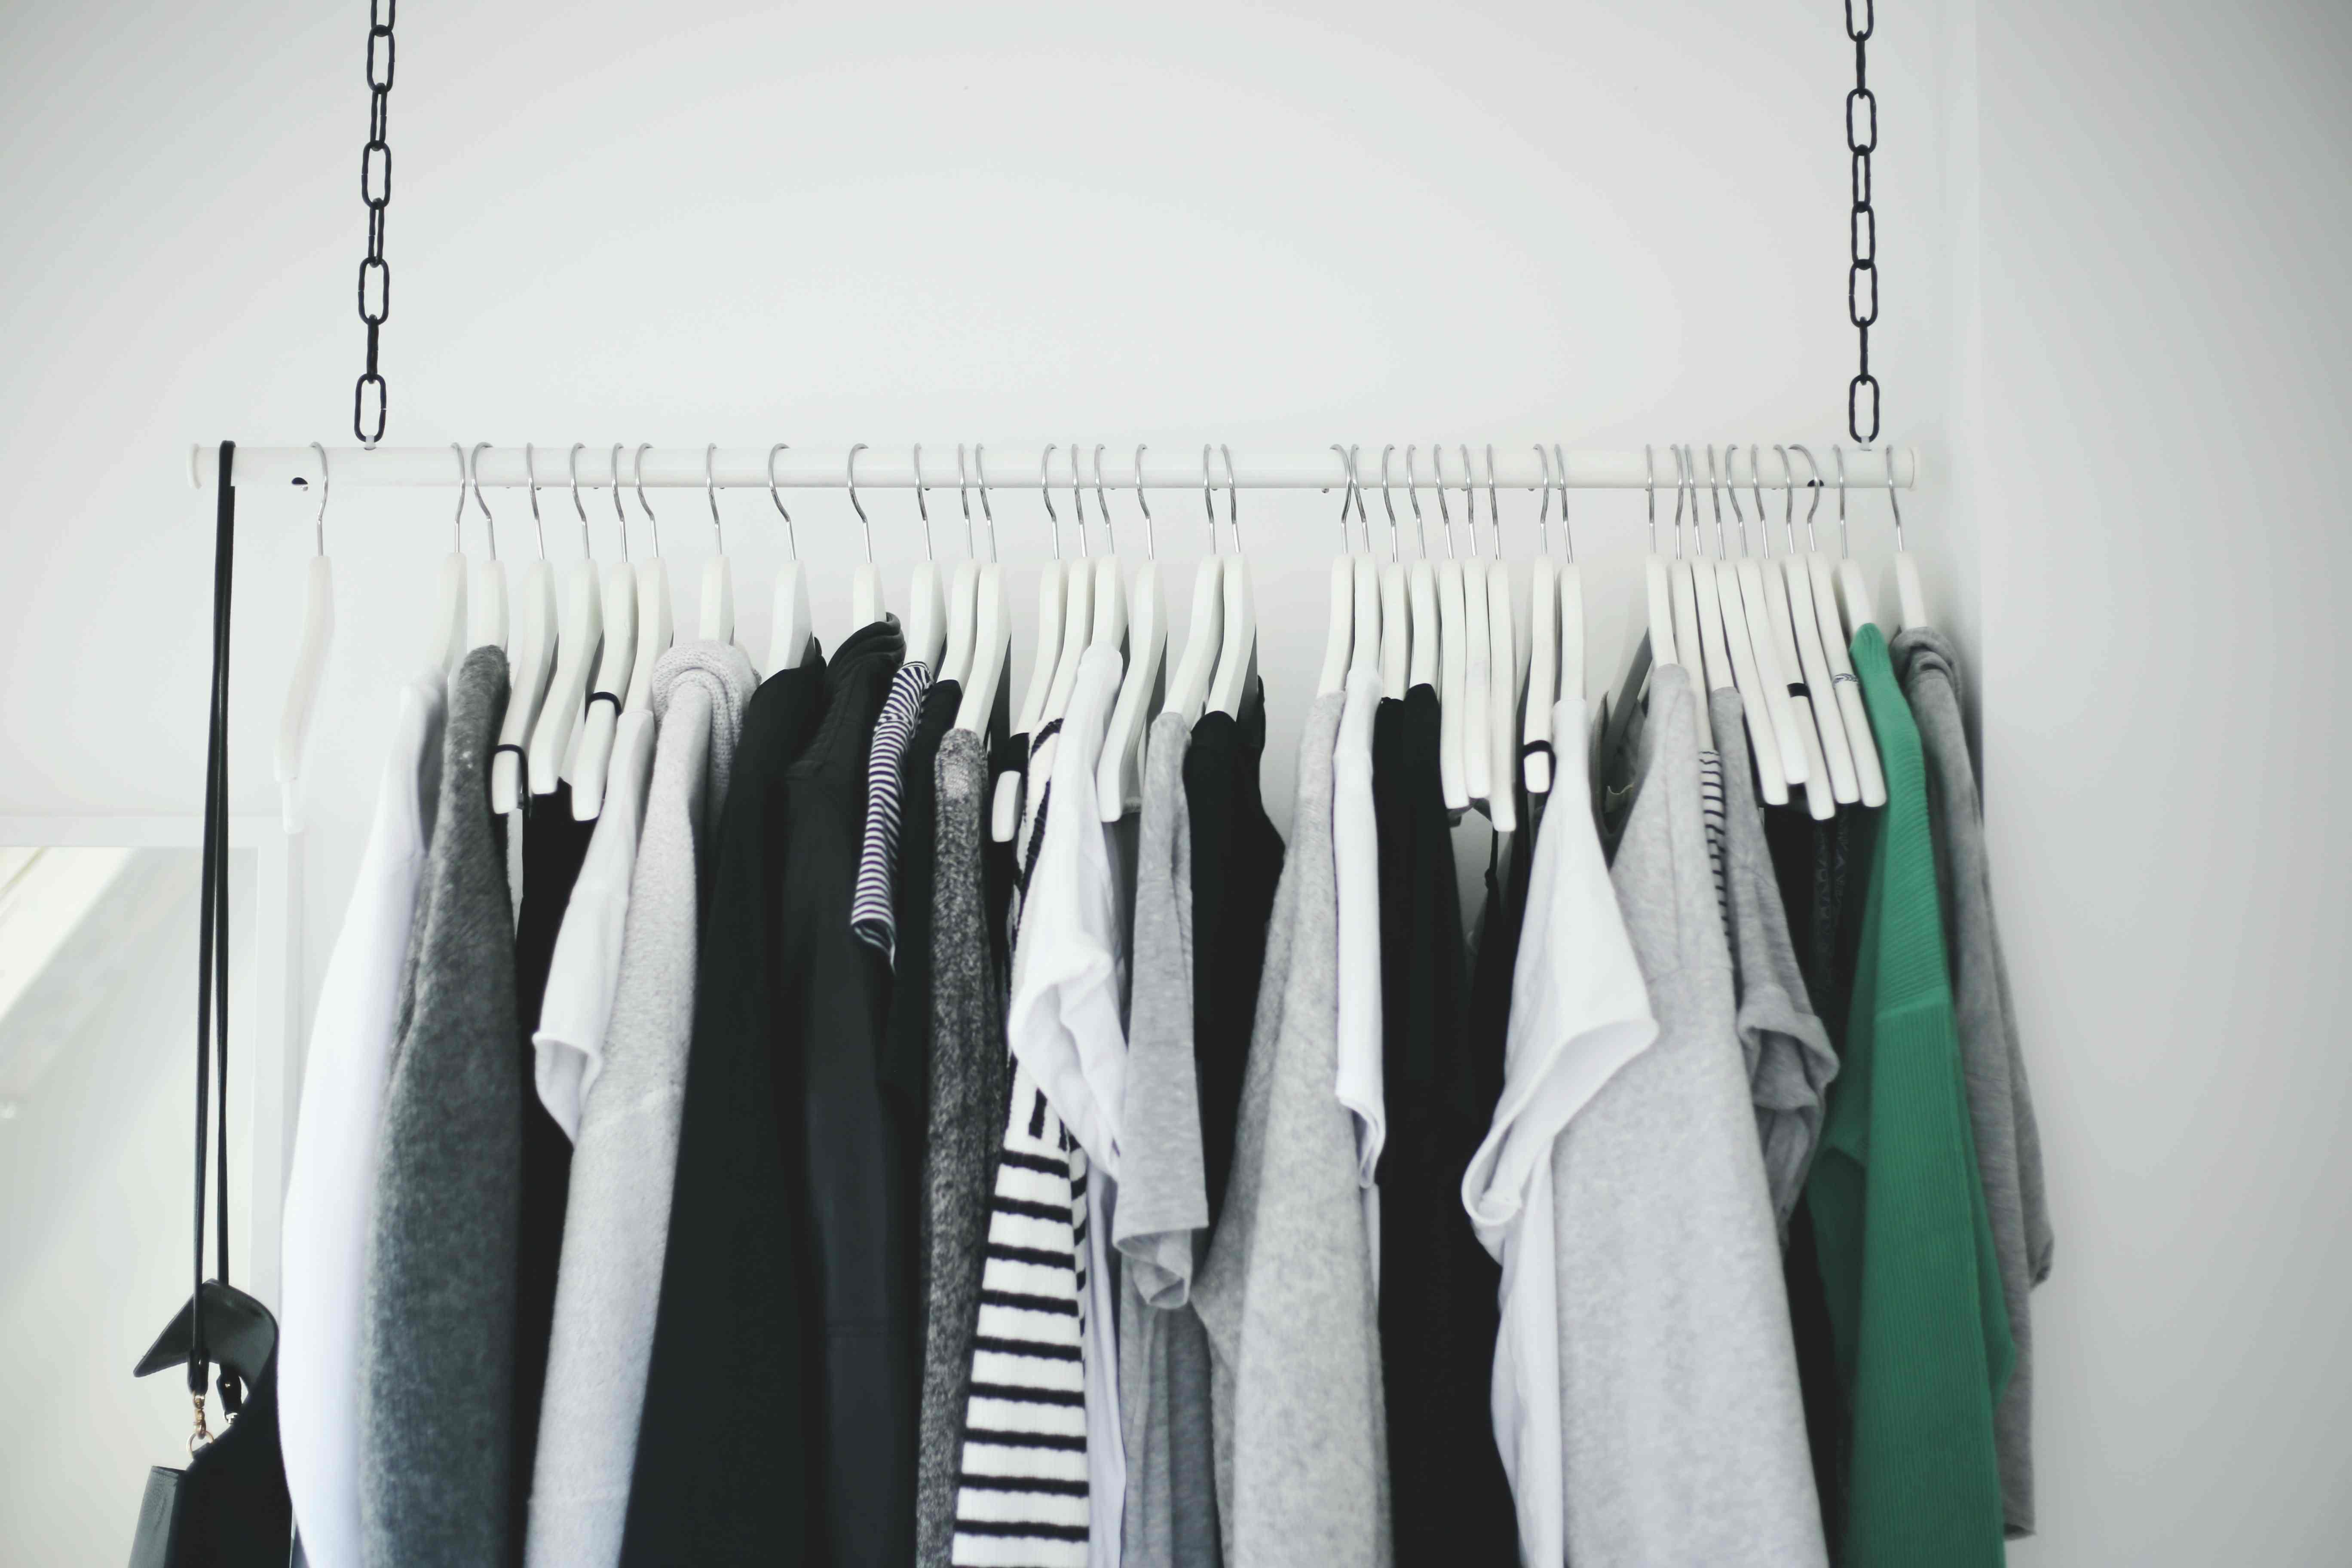 Kleiderstange Diy kleiderstange garderobe diy gliederkette wardrobe do live